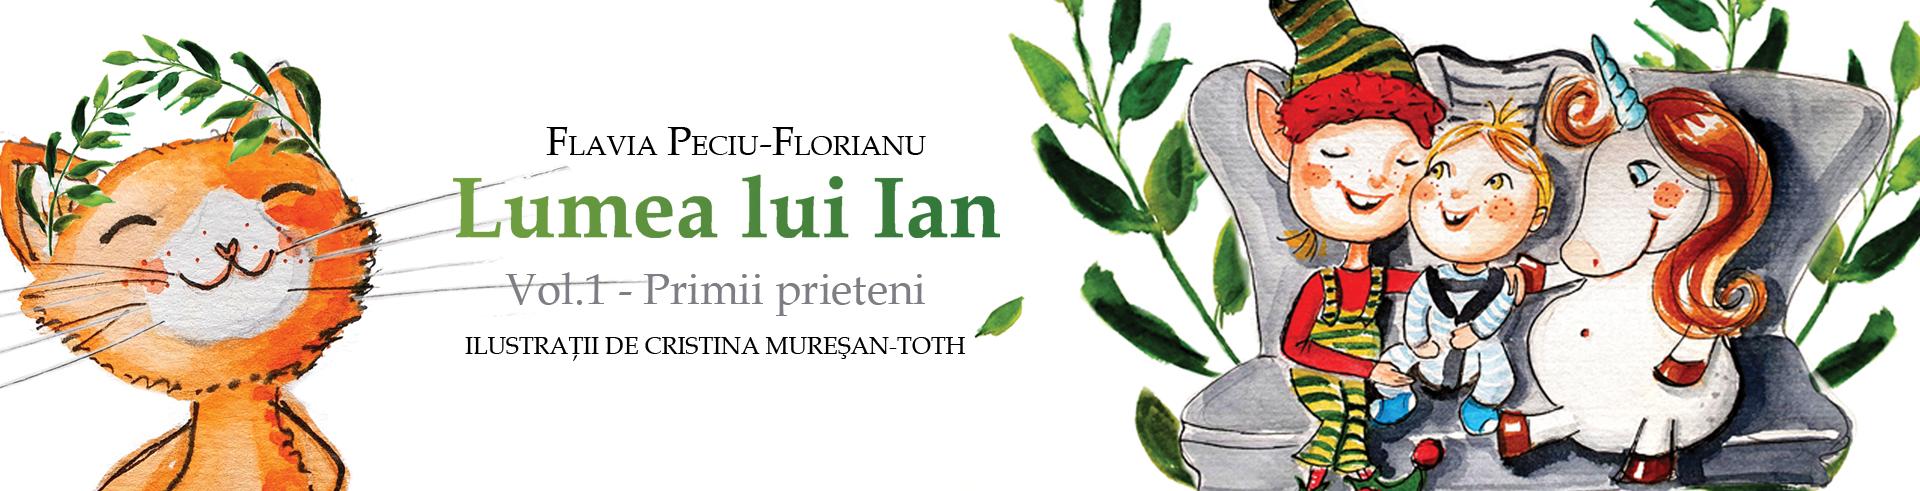 Lumea lui Ian - Primii prieteni_Flavia Peciu-Florianu